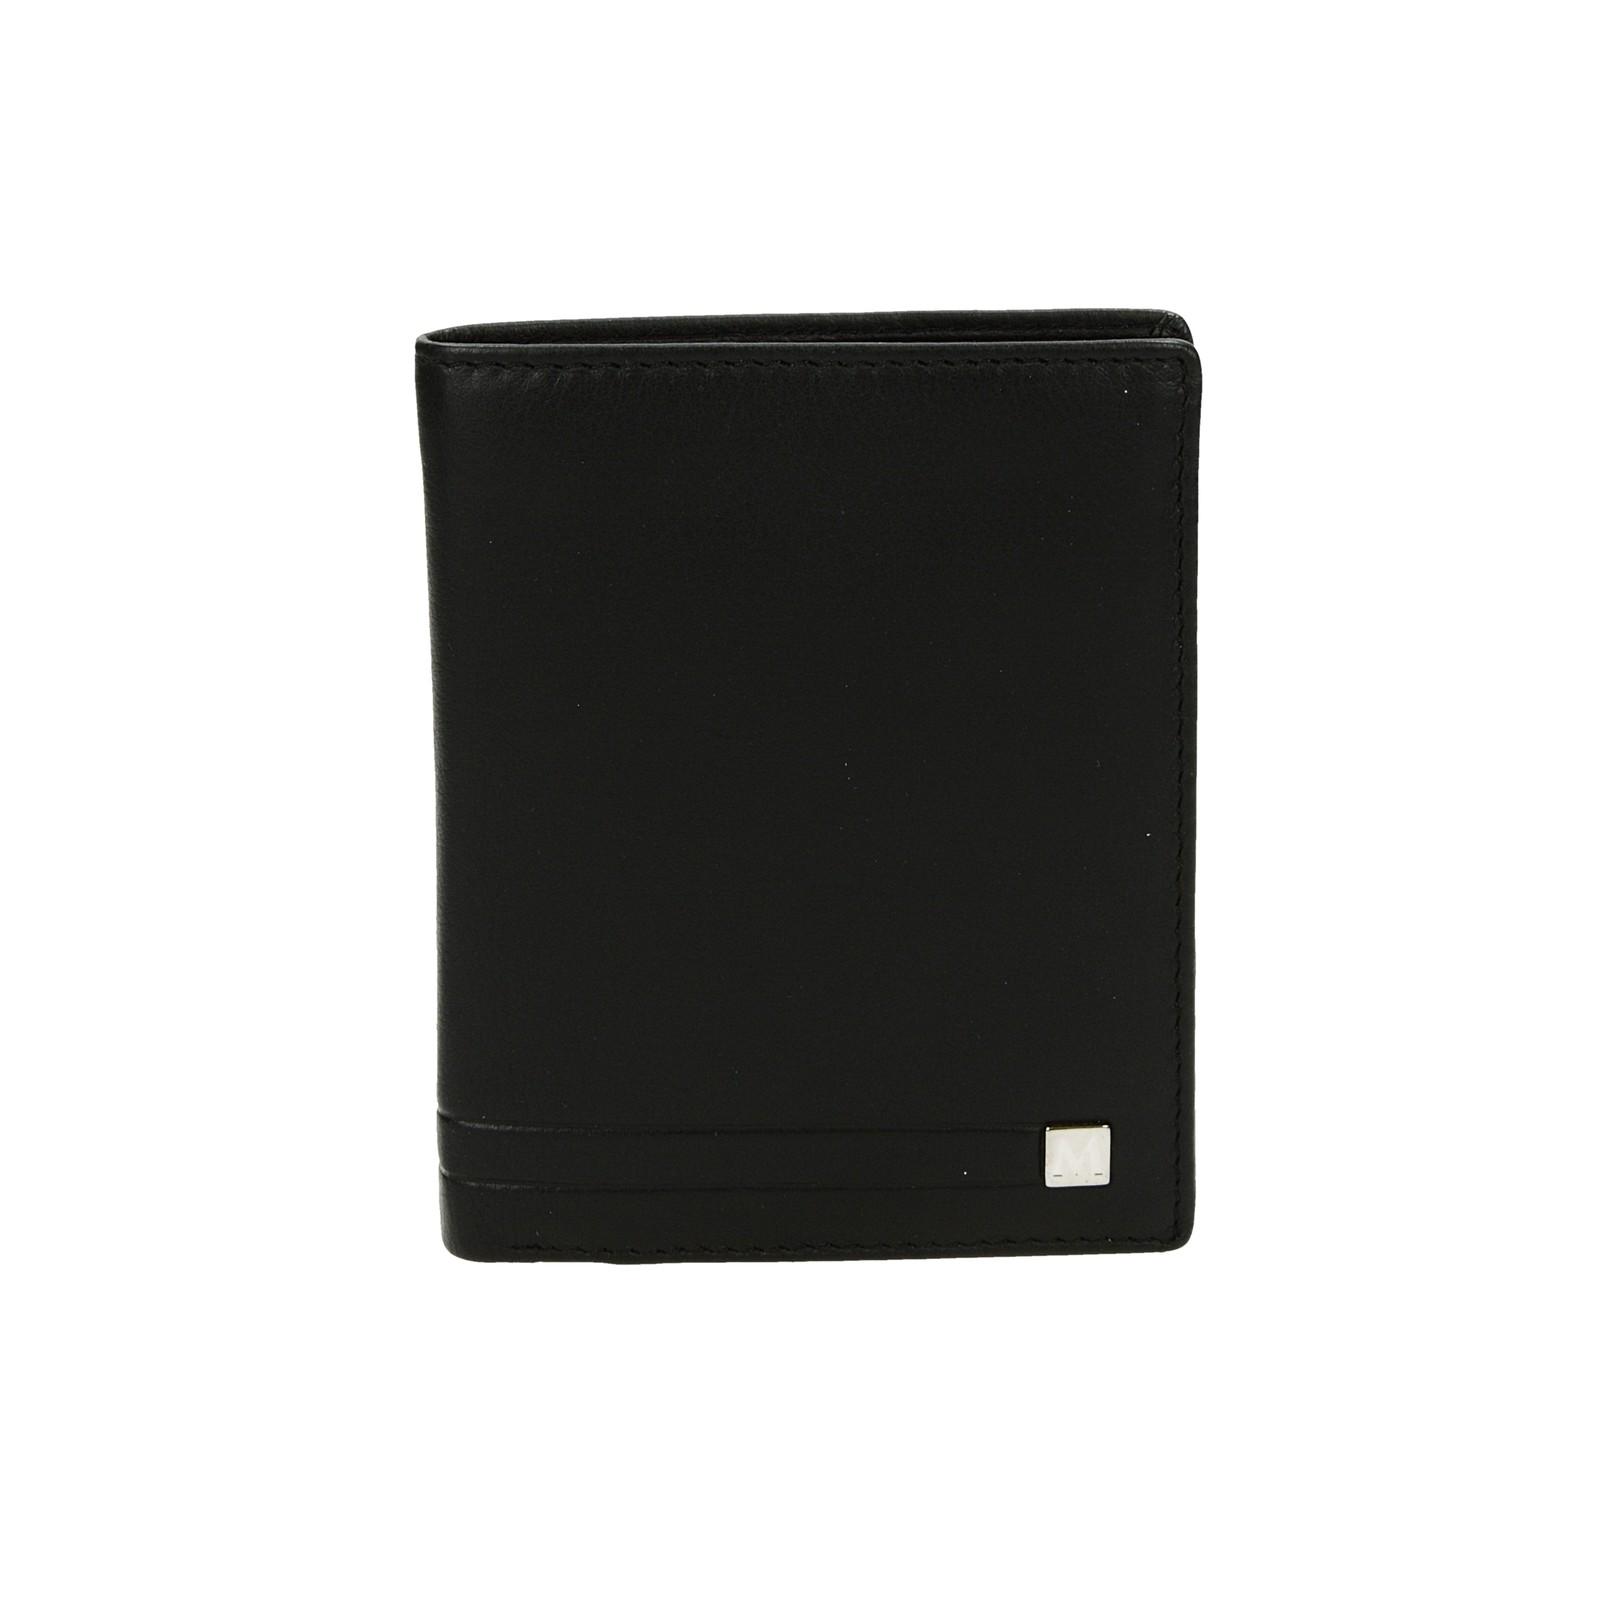 Metropoli pánska kožená peňaženka - čierna